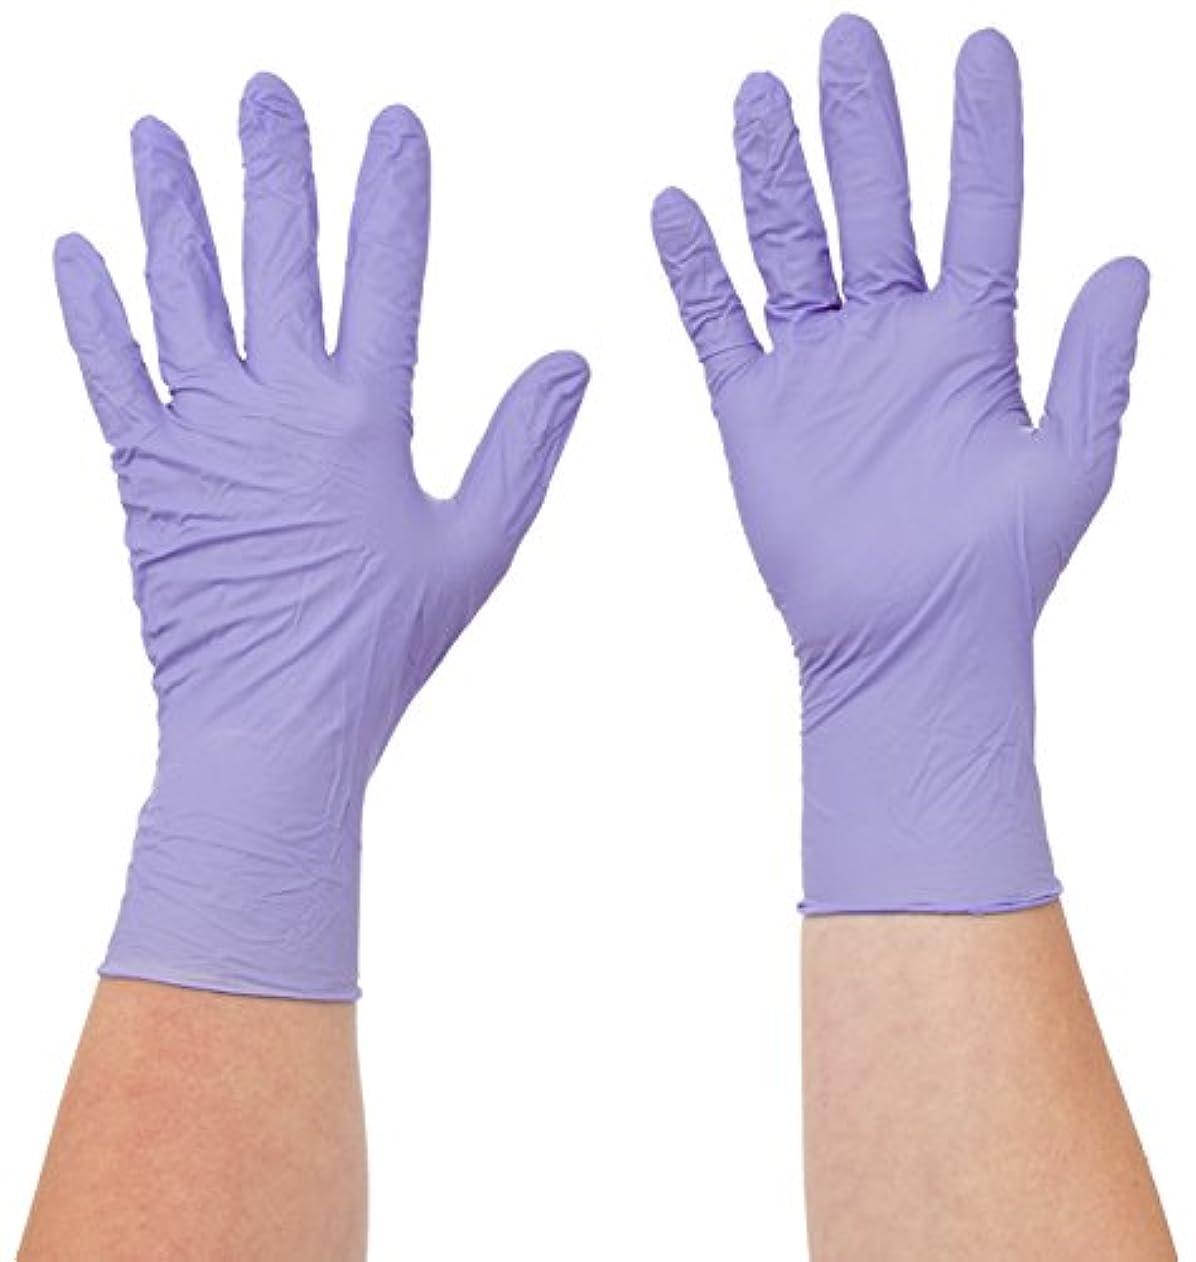 パス抗生物質鉄道駅Semperit 使い捨てニトリル手袋 Xtra Lite 0.14mm 粉無(入数:180枚) 3000001621